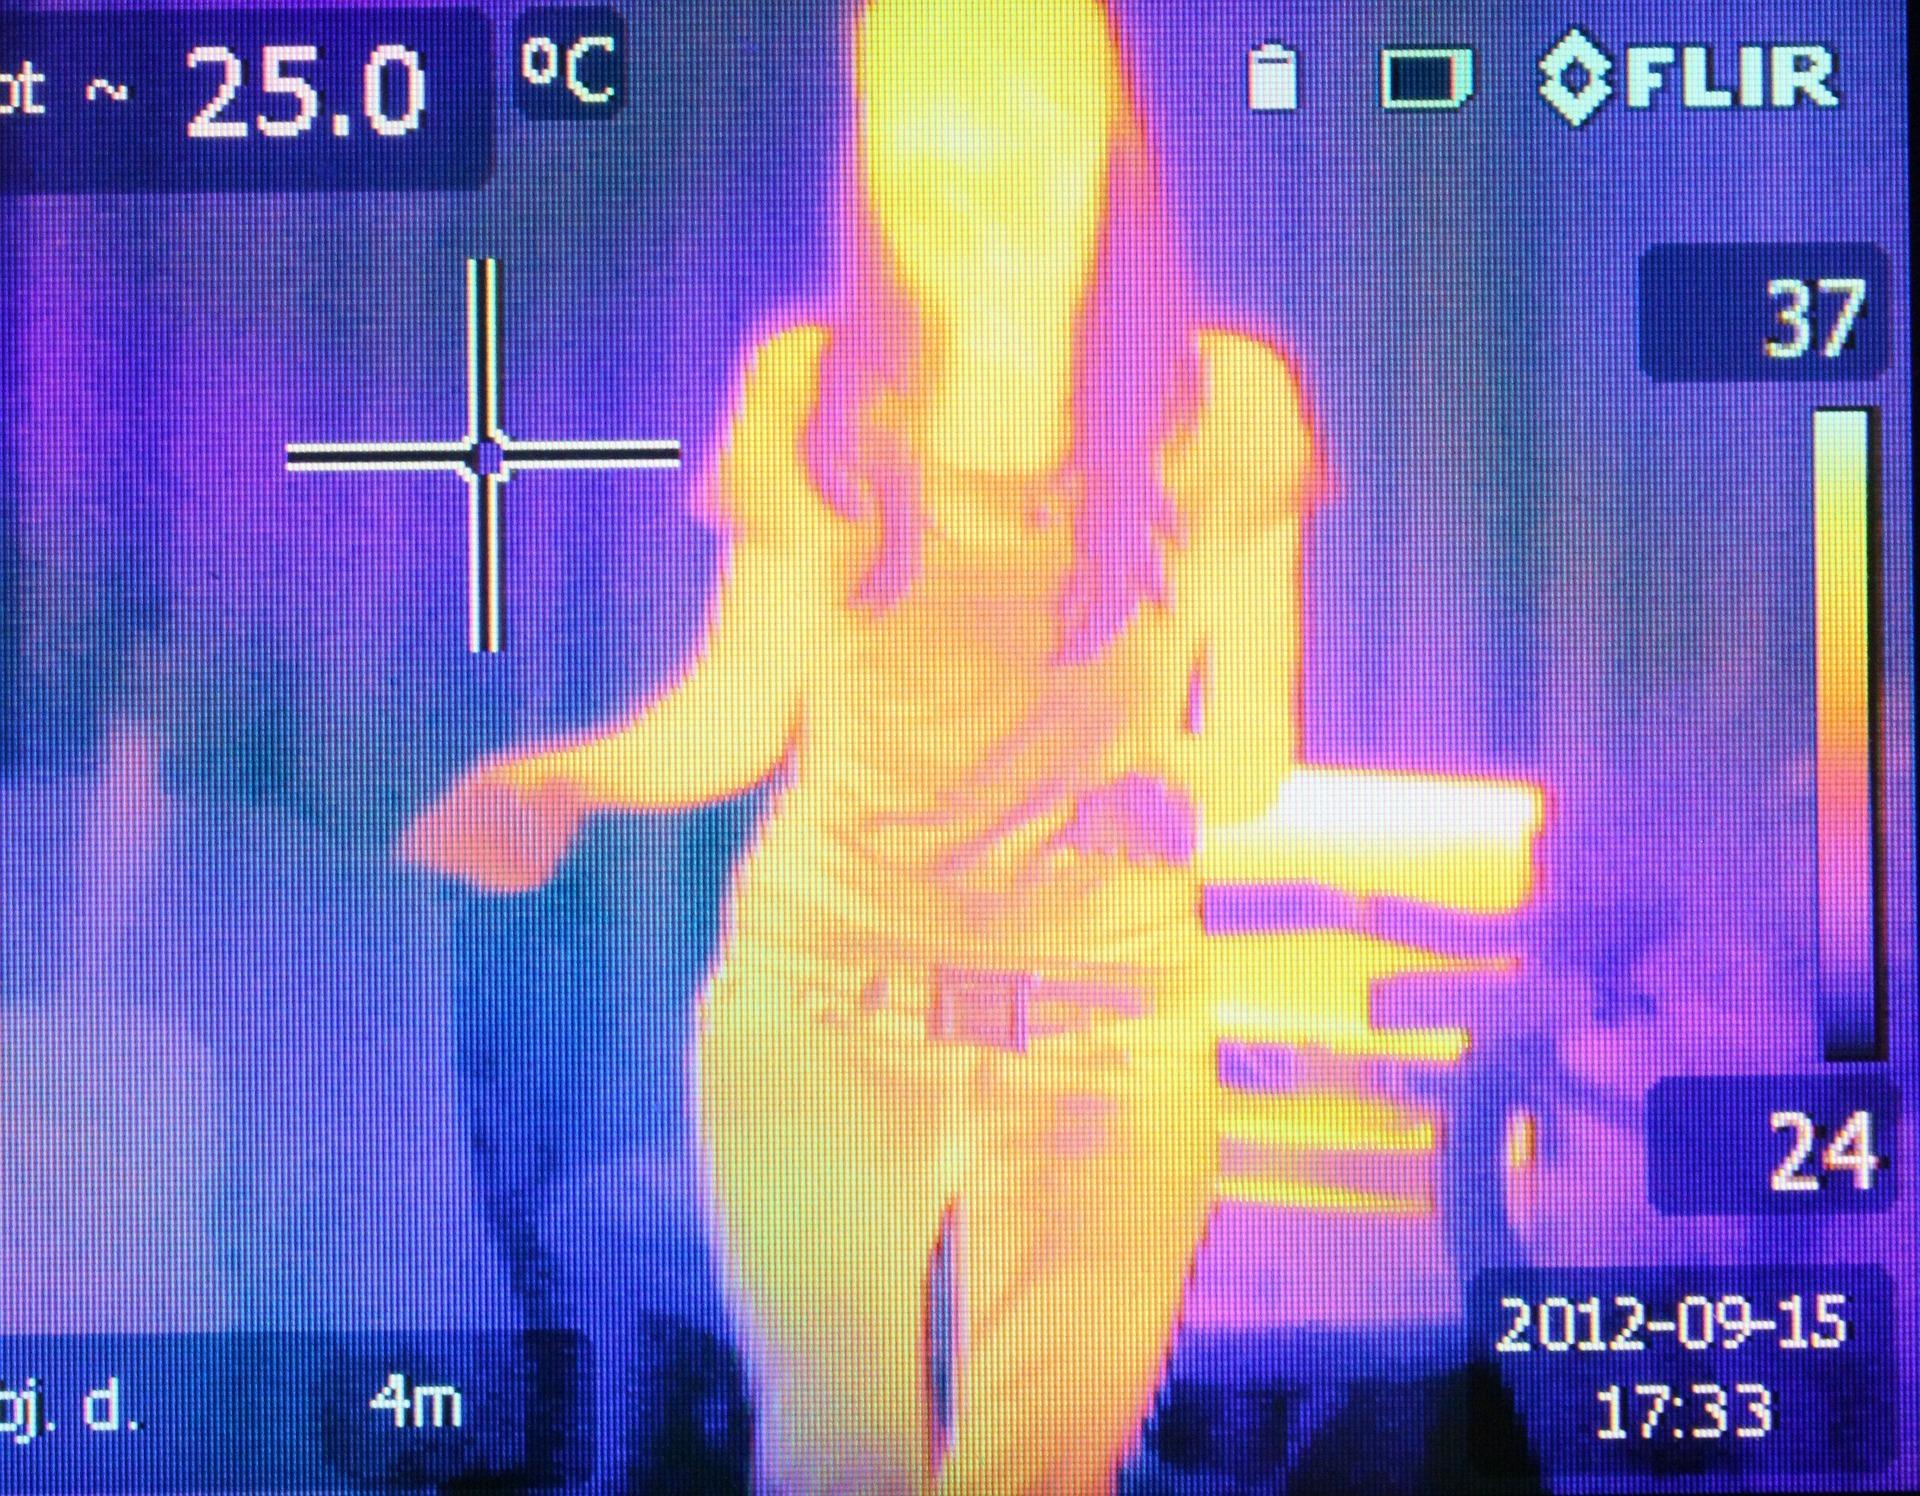 Der Tipp bei der Sanierung von Gebäuden… die Wärmebildkamera auf ratgeber-blogger.de